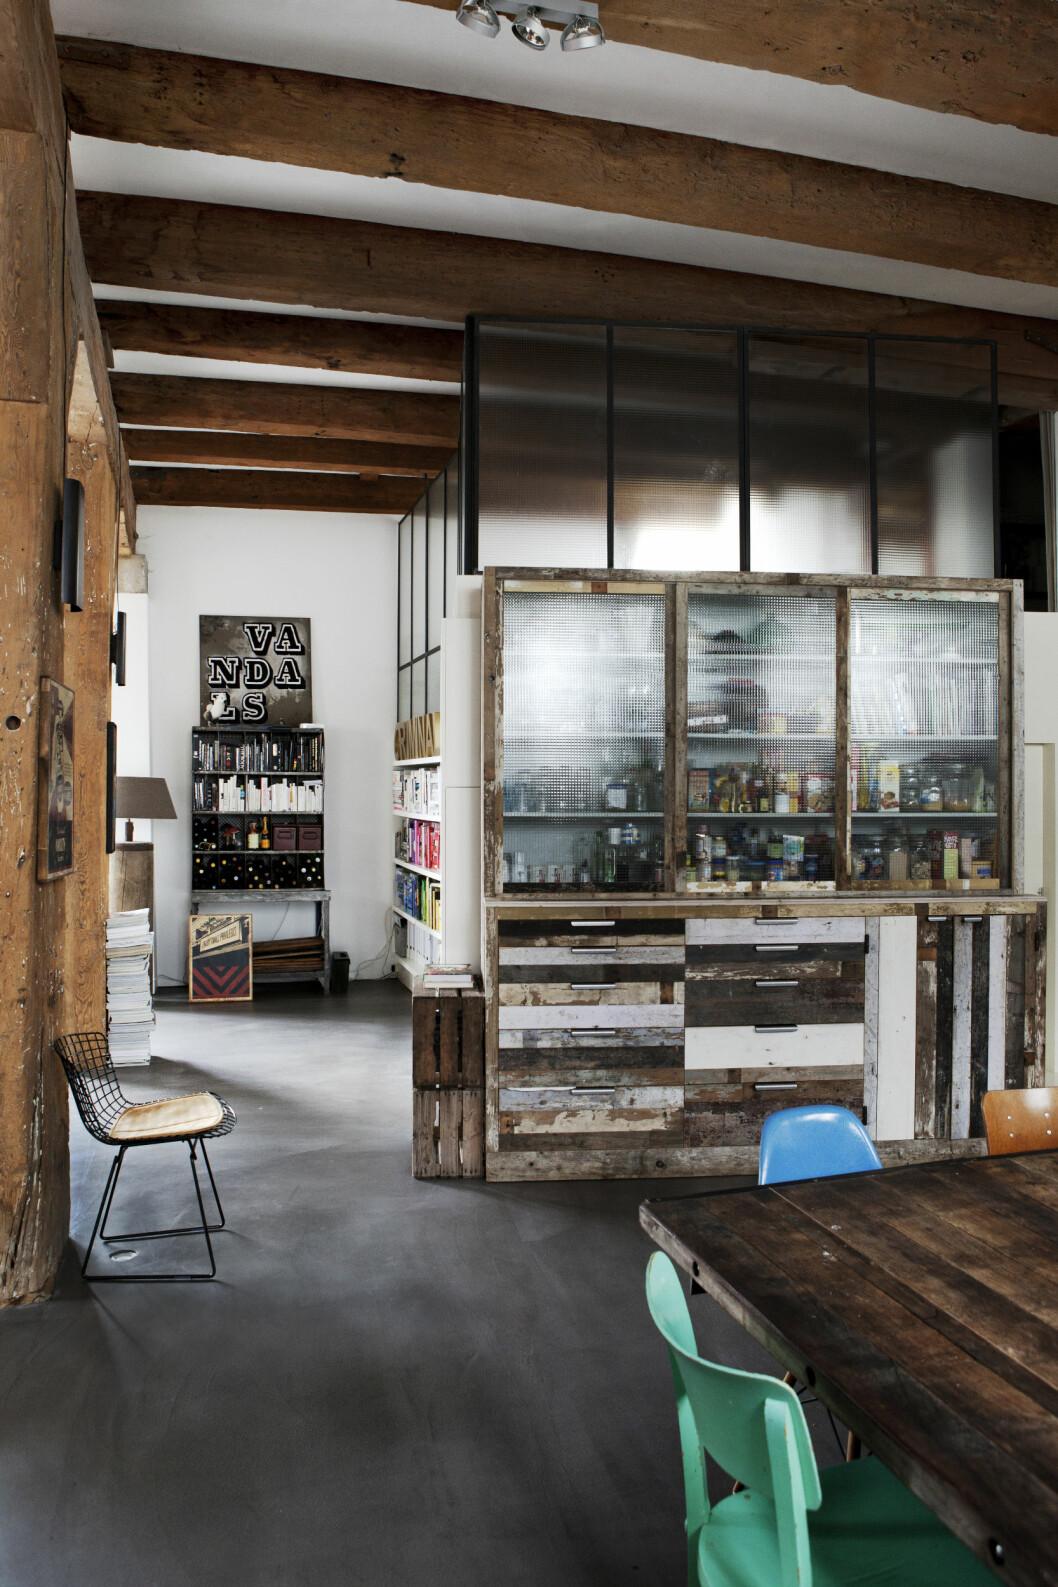 GJENNOMSIKTIG: Bak gjennomsiktig ruter ser man at dette er kjøkkenet, men stuen følger like etter. Legg merke til hvordan vinflasker er plassert i bokhyllen innerst i bildet! Foto: Pernille Kaalund/House of Pictures